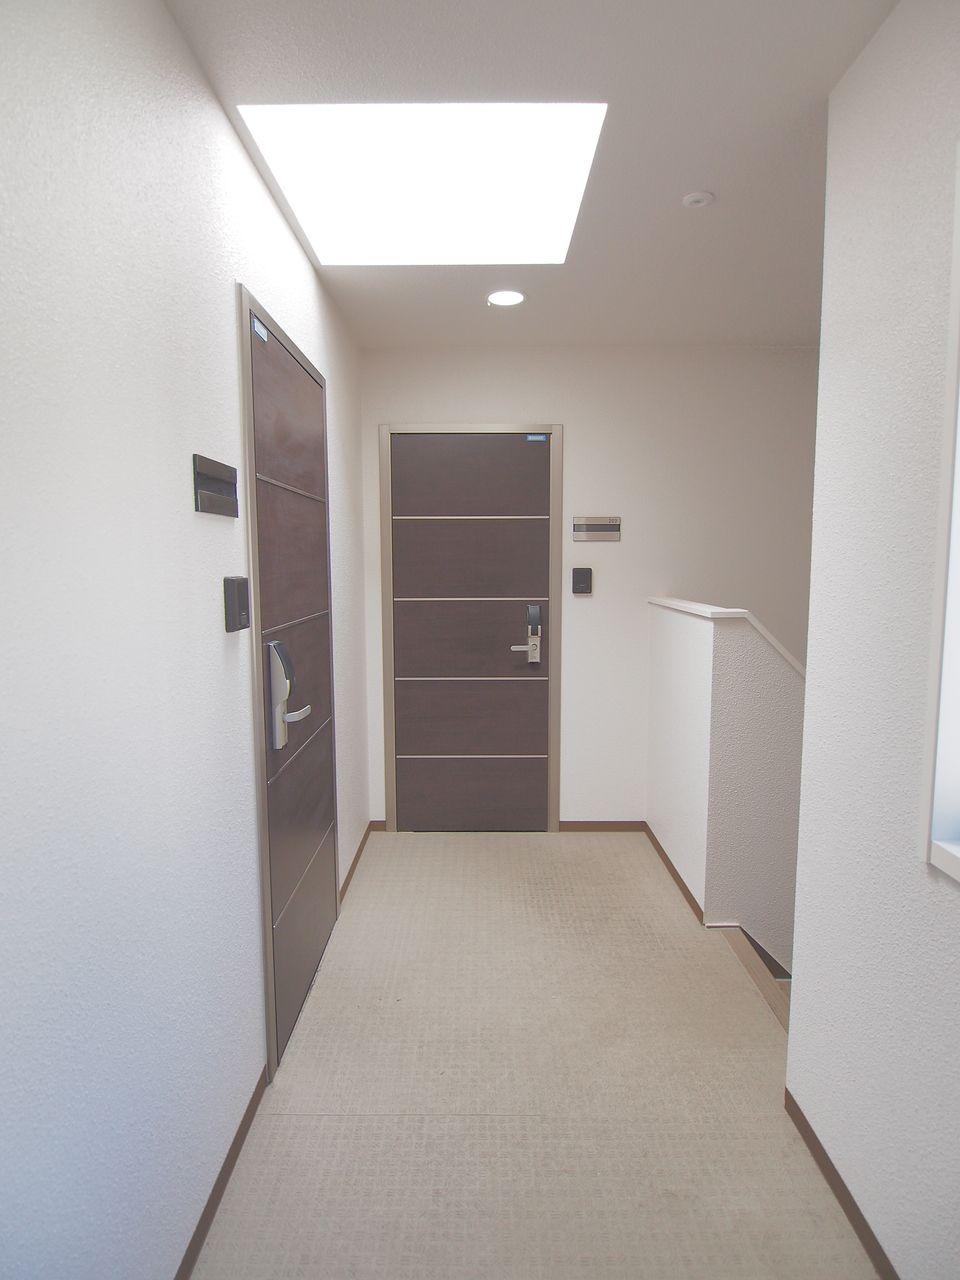 内廊下型の共用廊下